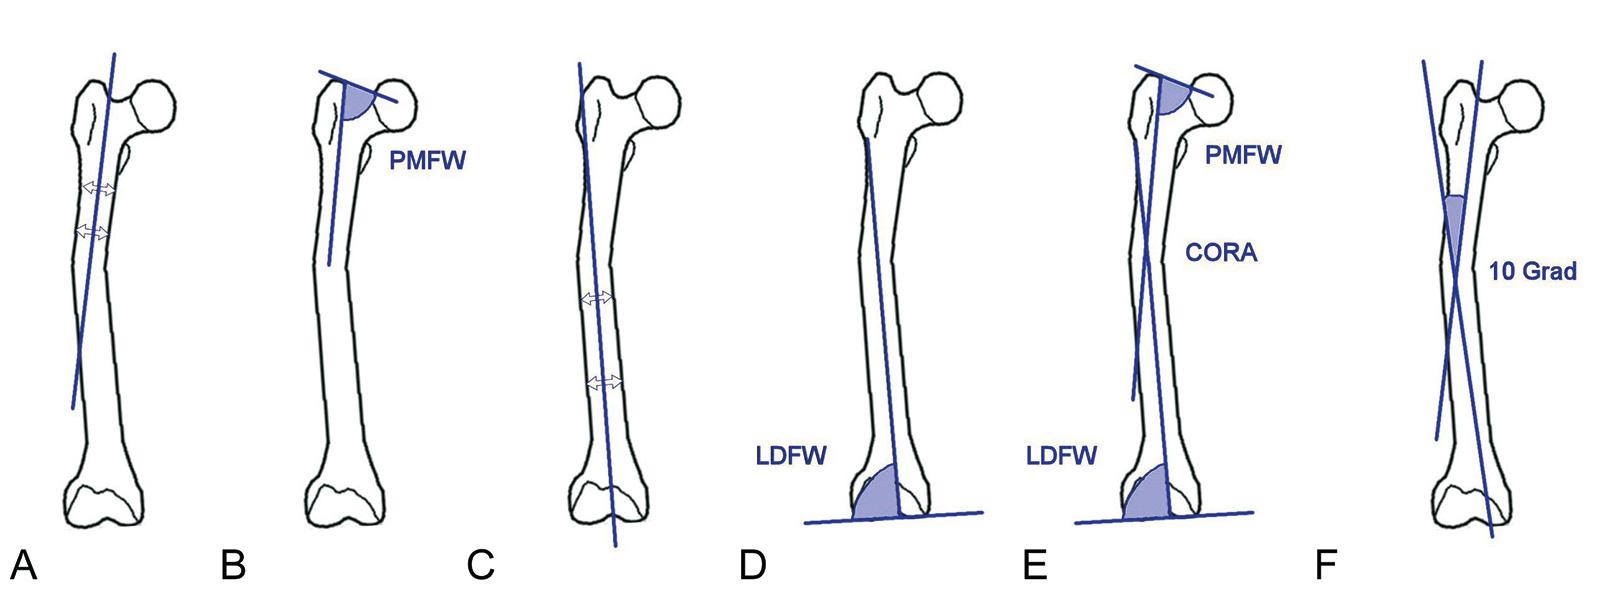 Abb. 4-40: Rekonstruktion der proximalen anatomischen Achse: Verbindung von 2 Mittelpunkten des proximalen Femurs (A), mit Hilfe des proximalen medialen Femurwinkels (B); Rekonstruktion der distalen anatomischen Achse: Verbindung von 2 Mittelpunkten des d